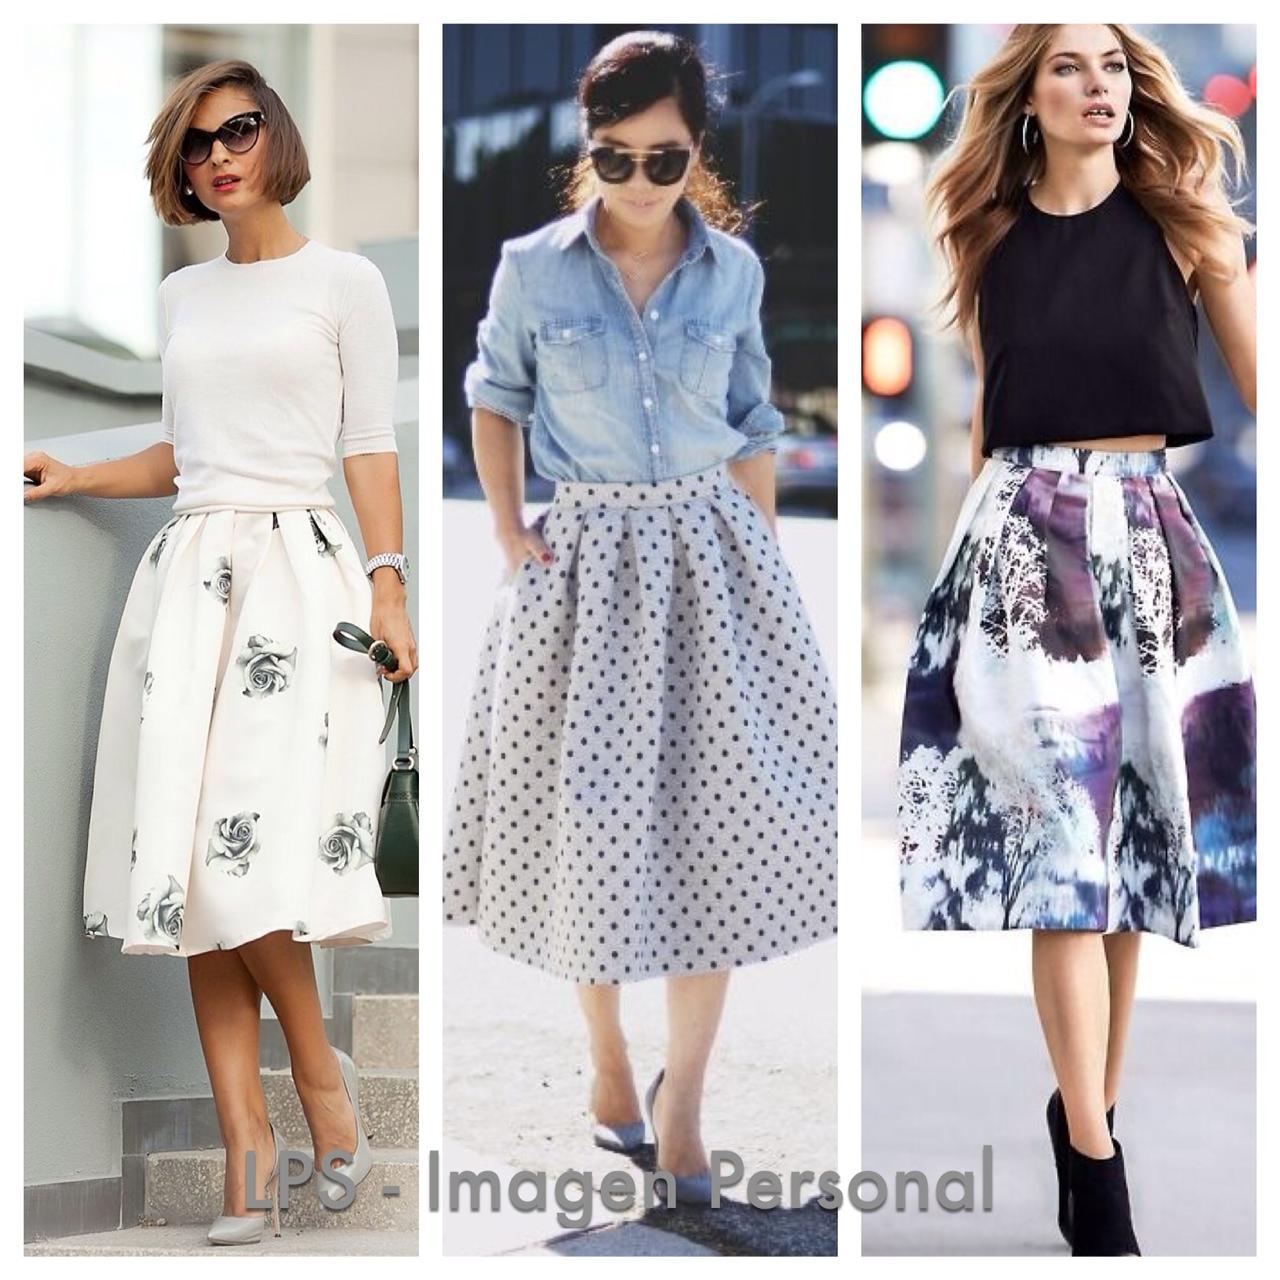 b792206191 Lo que debes saber antes de comprar una falda Midi